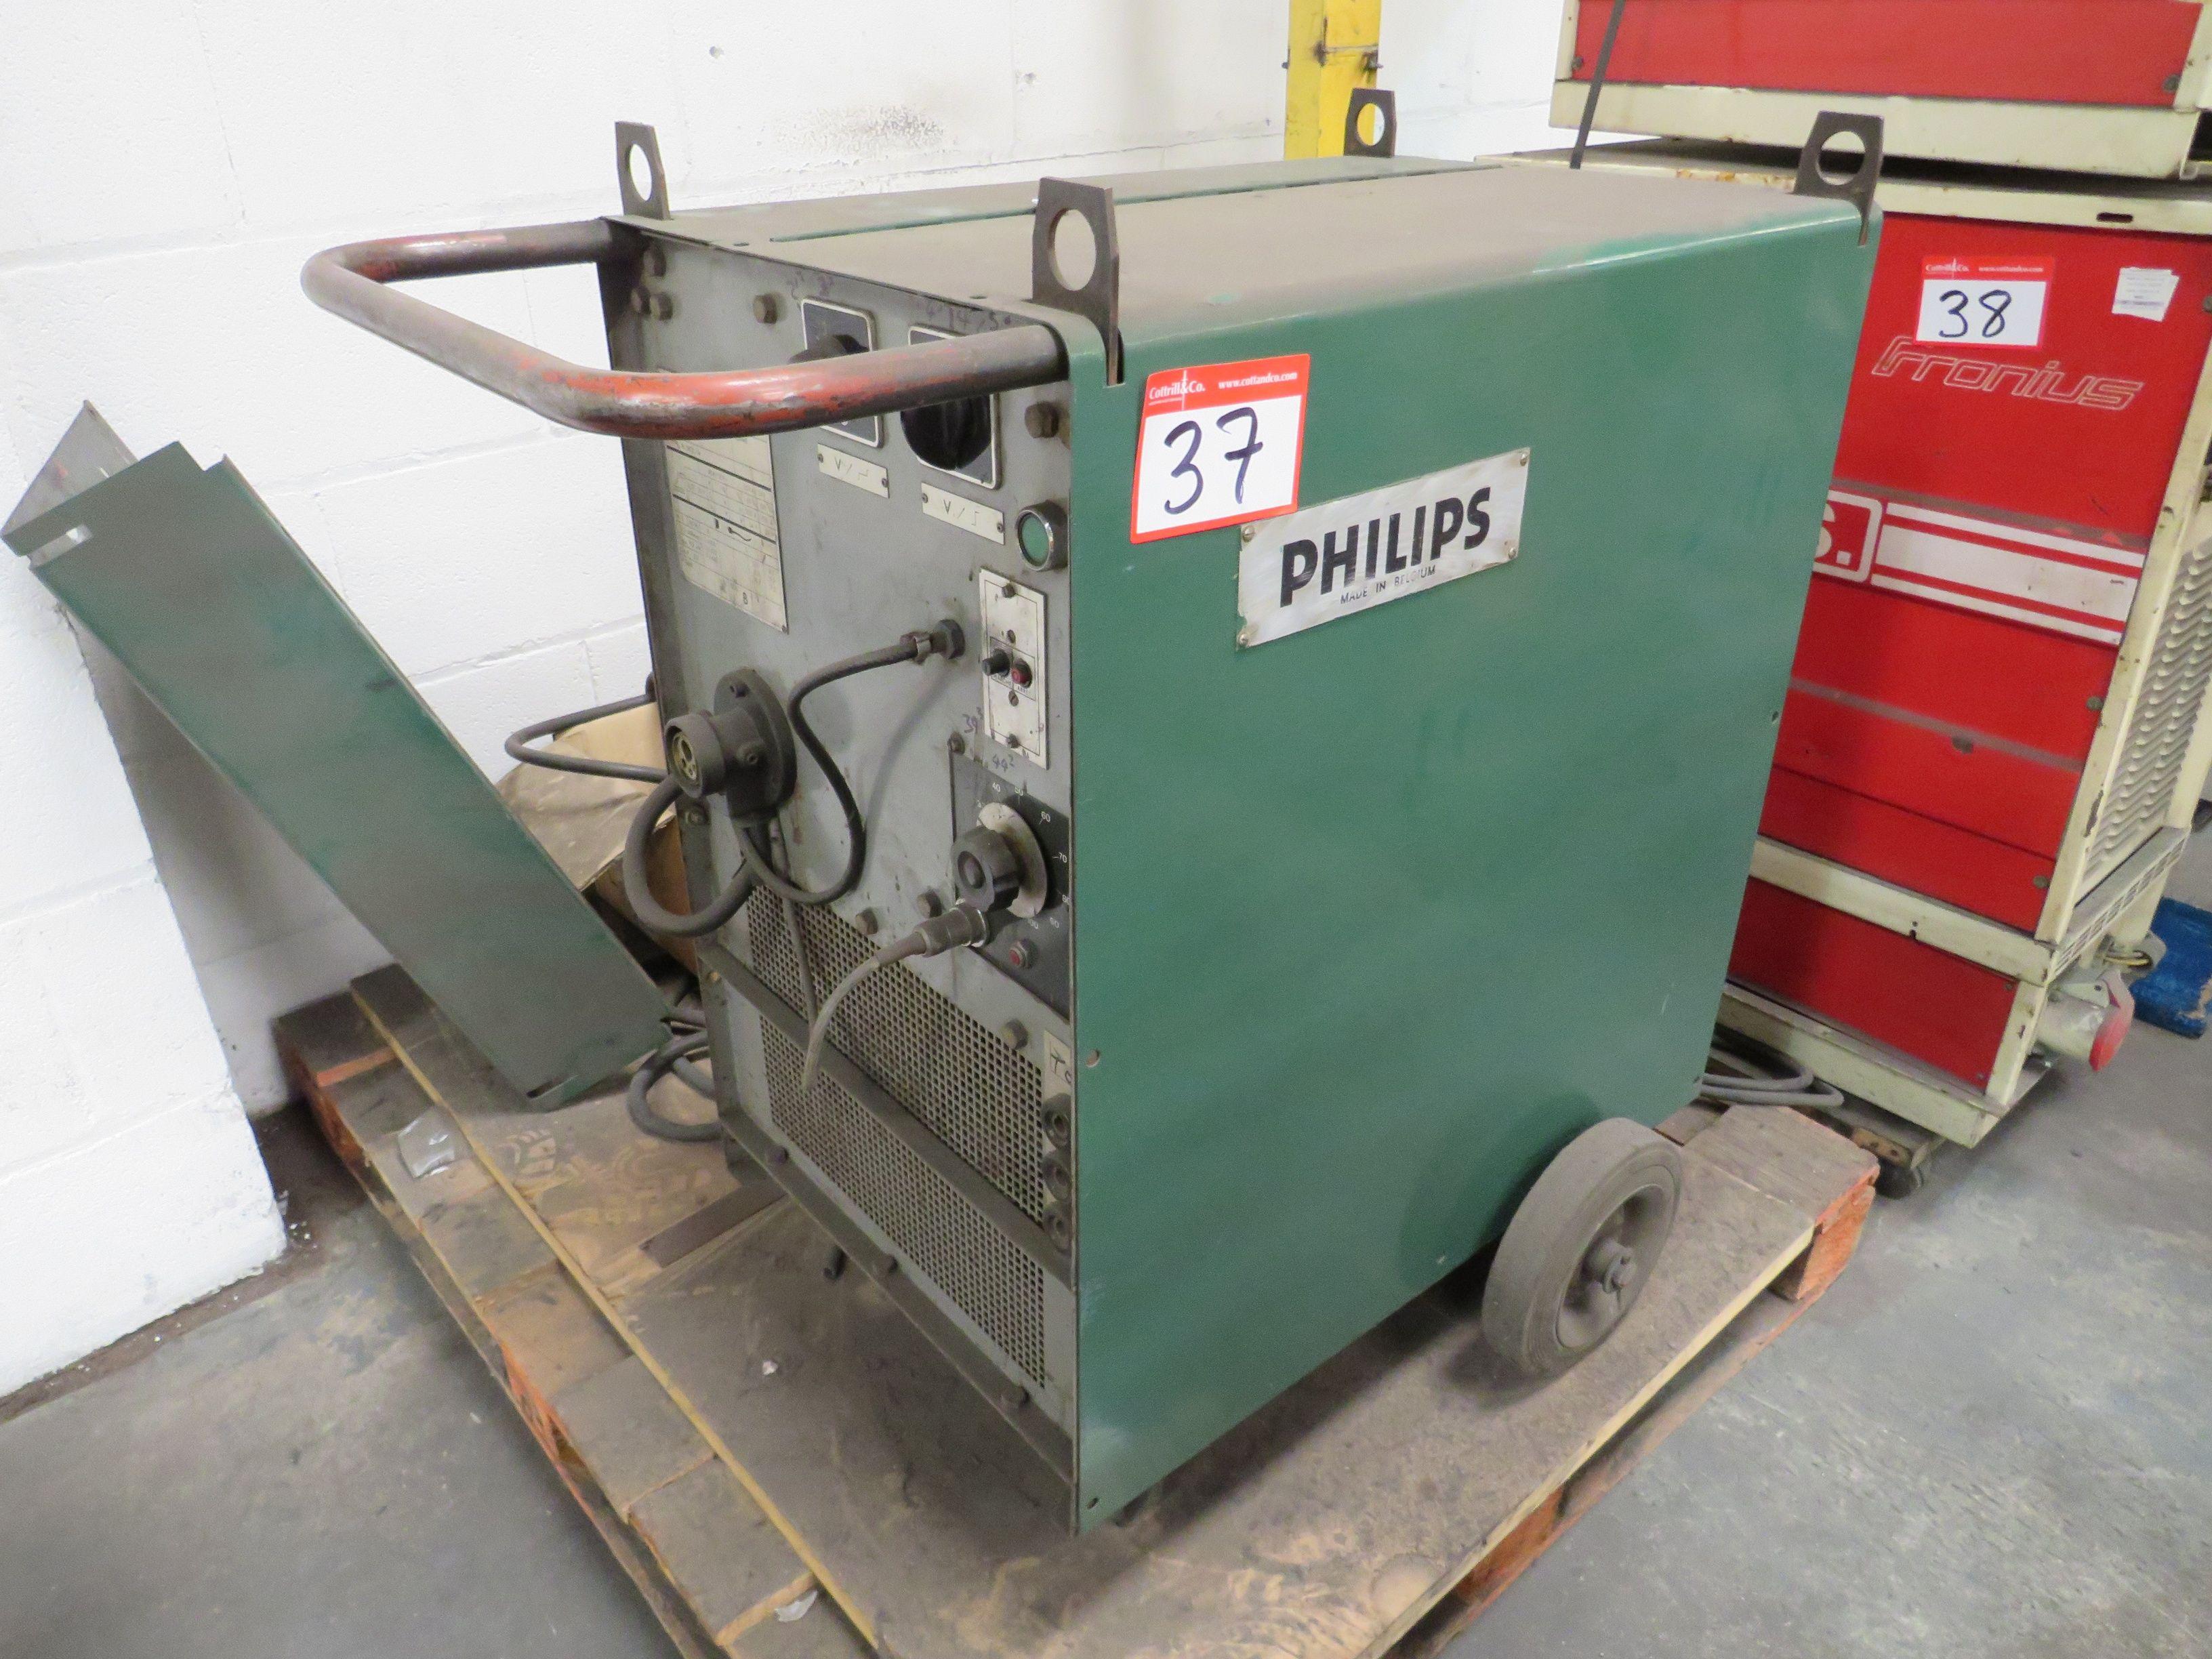 Phillips PZ5805 / 14 Mig Schweißer